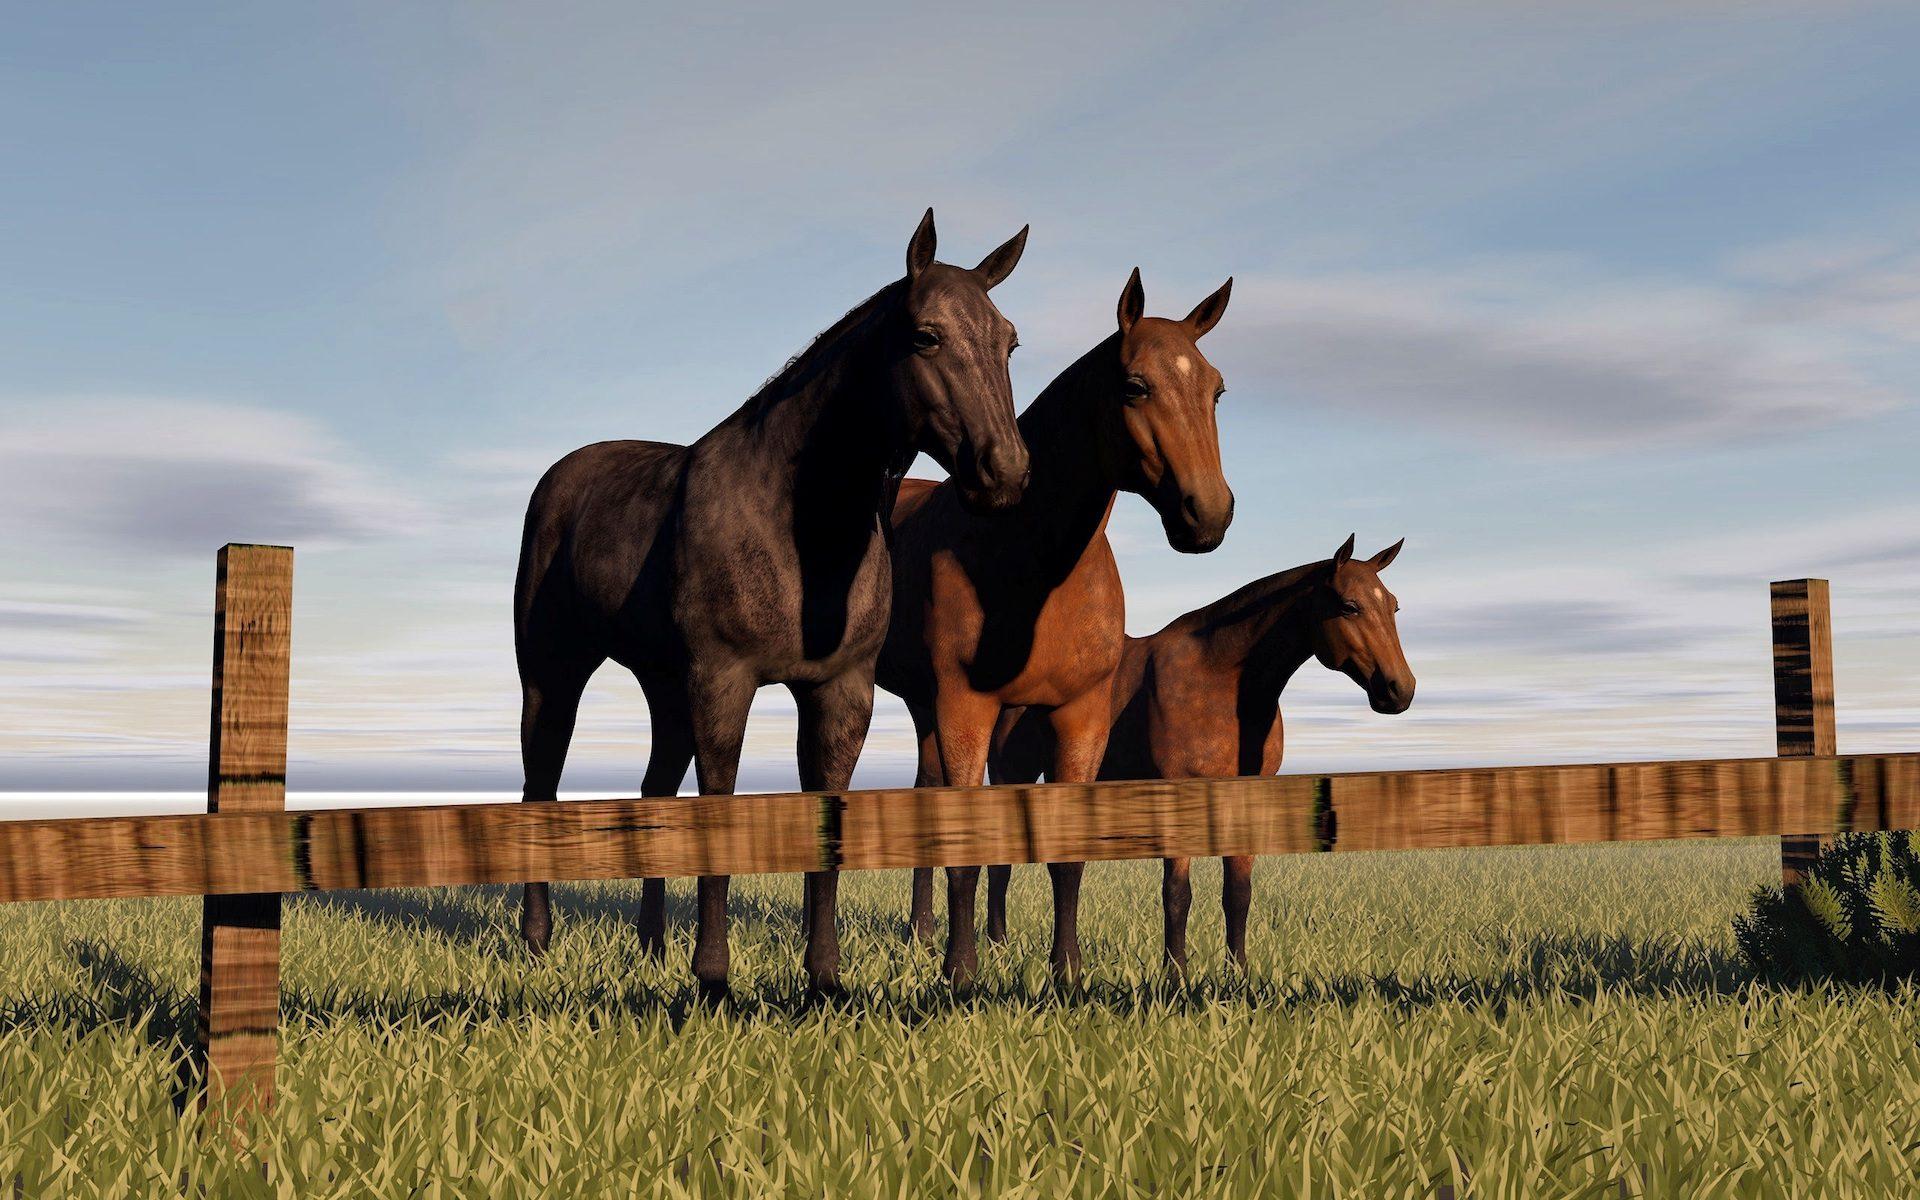 घोड़ों, जोड़े, परिवार, yegua, बछेड़ा, घास, बाड़ - HD वॉलपेपर - प्रोफेसर-falken.com